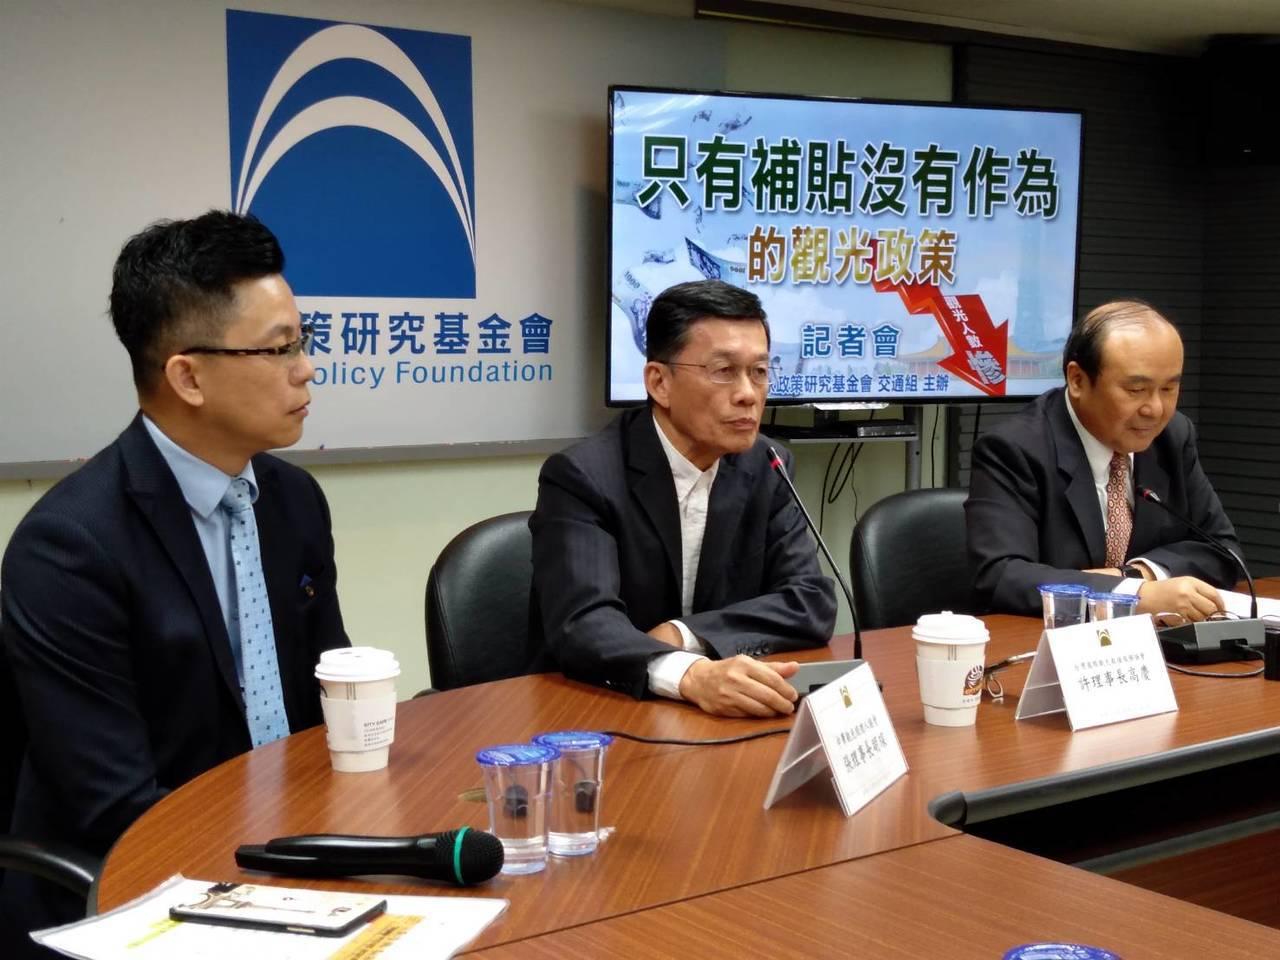 國家政策基金會開記者會,要求政府要有長遠的觀光政策。記者董俞佳/攝影